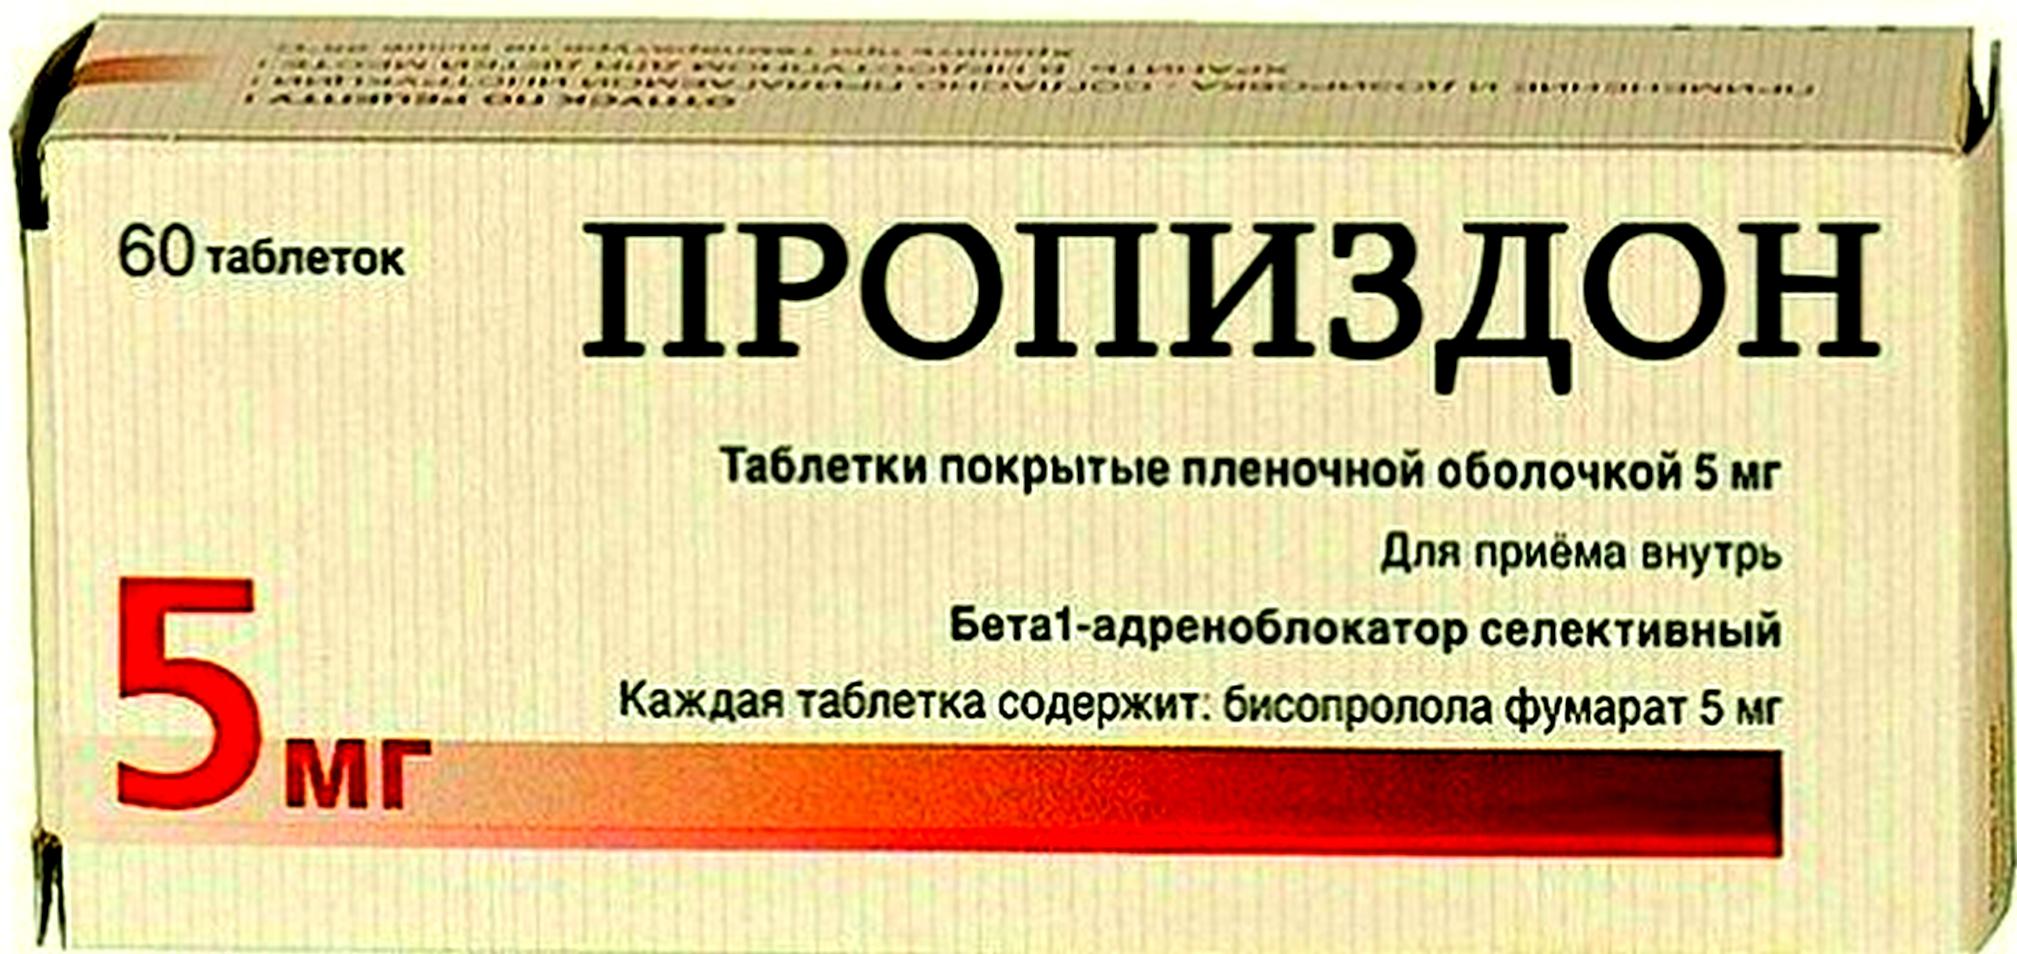 tabletki-chtob-dolshe-ne-konchat